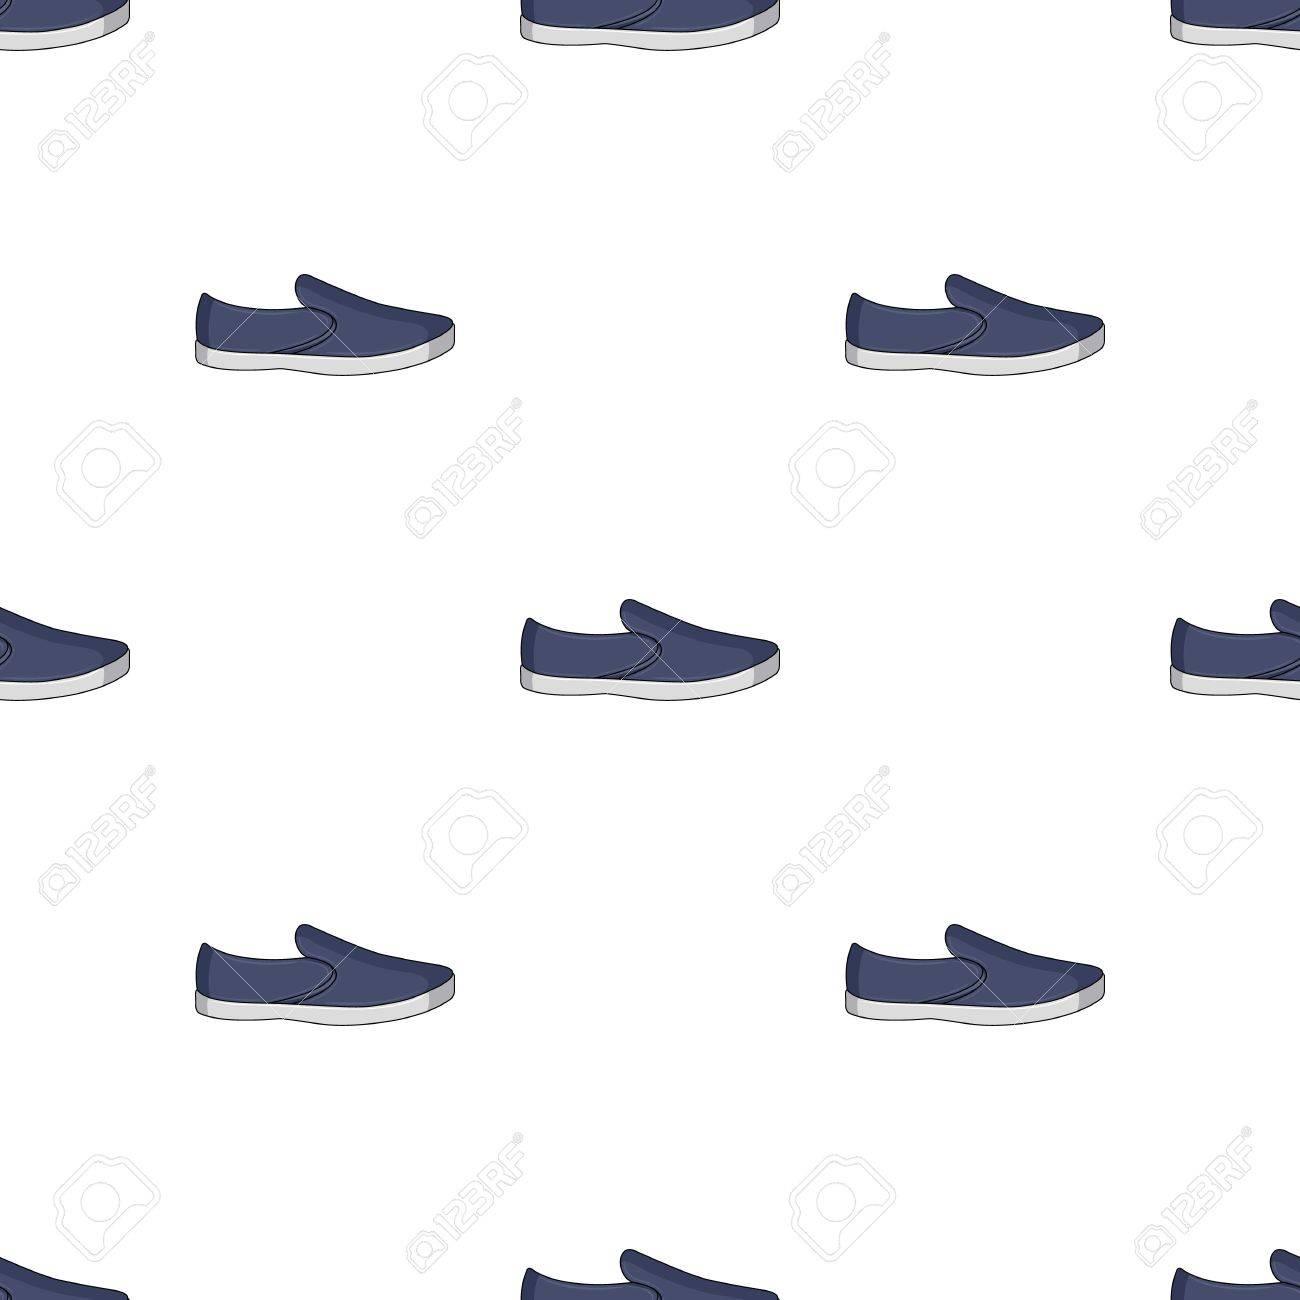 en Zapatos los de para pies cómodos de Alpargatas verano verano hombres azules para descalzos wqCxXzf1